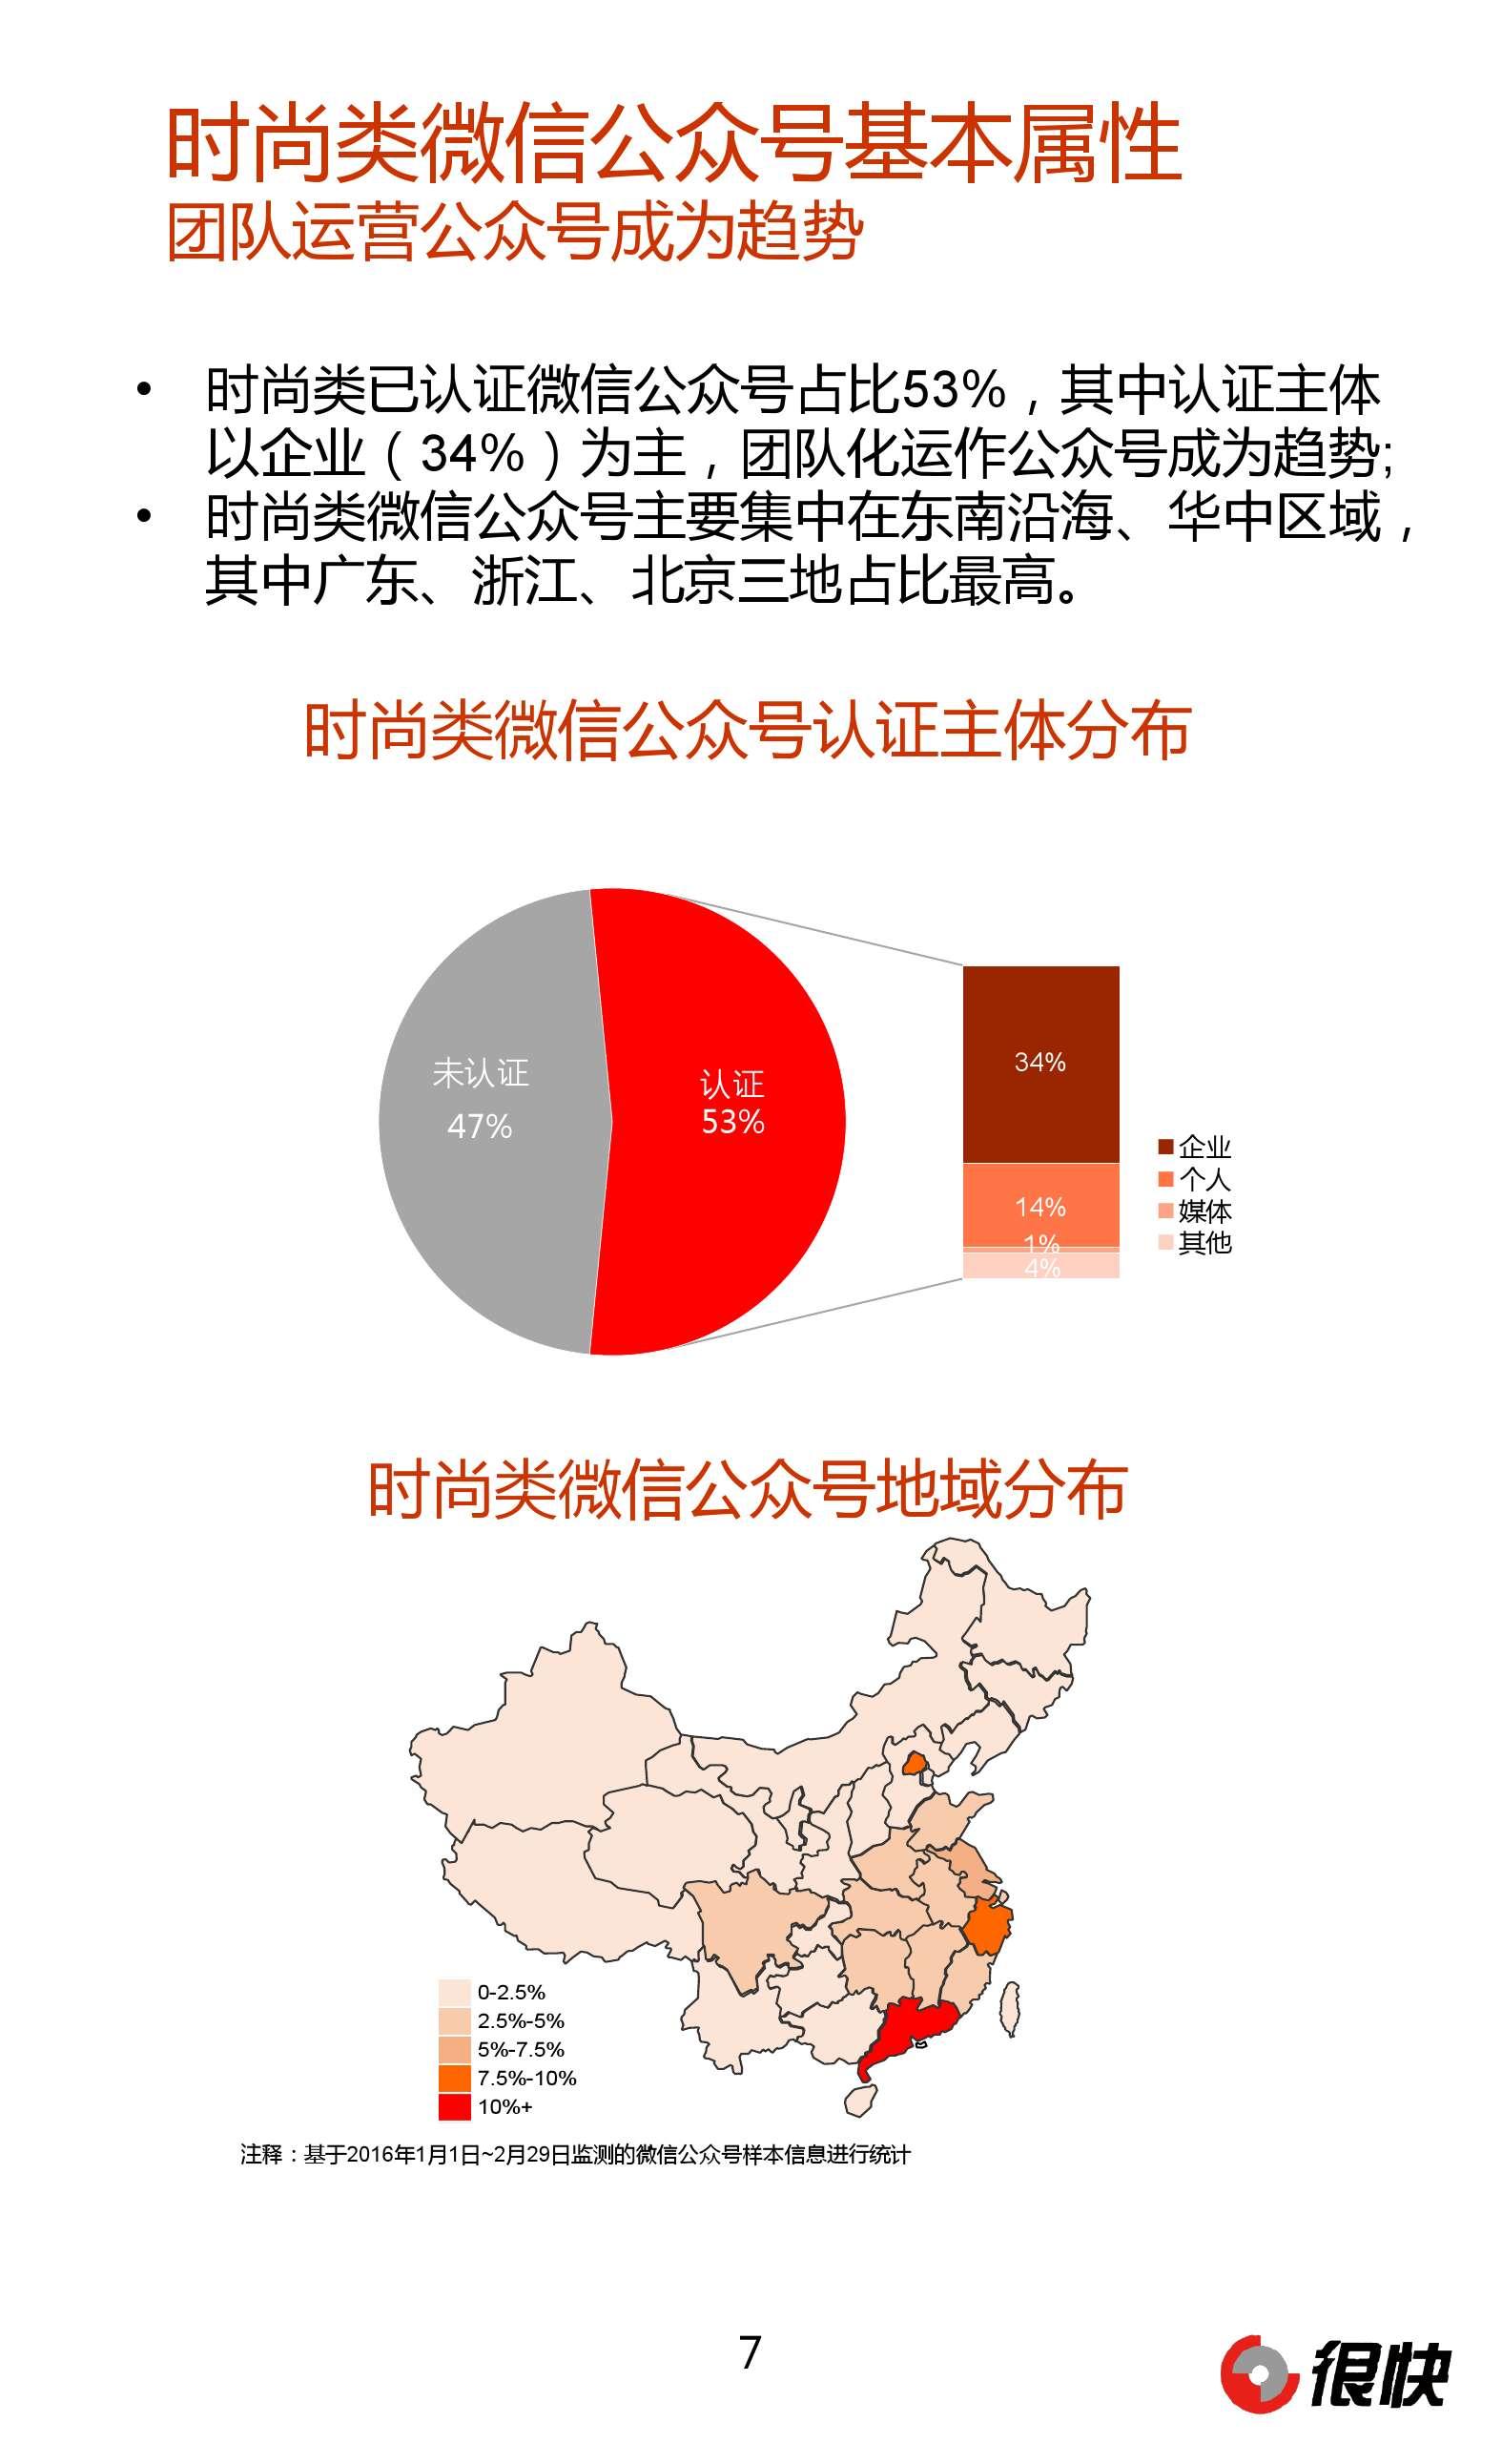 Henkuai-中国行业时尚微信公众号数据洞察报告_000007